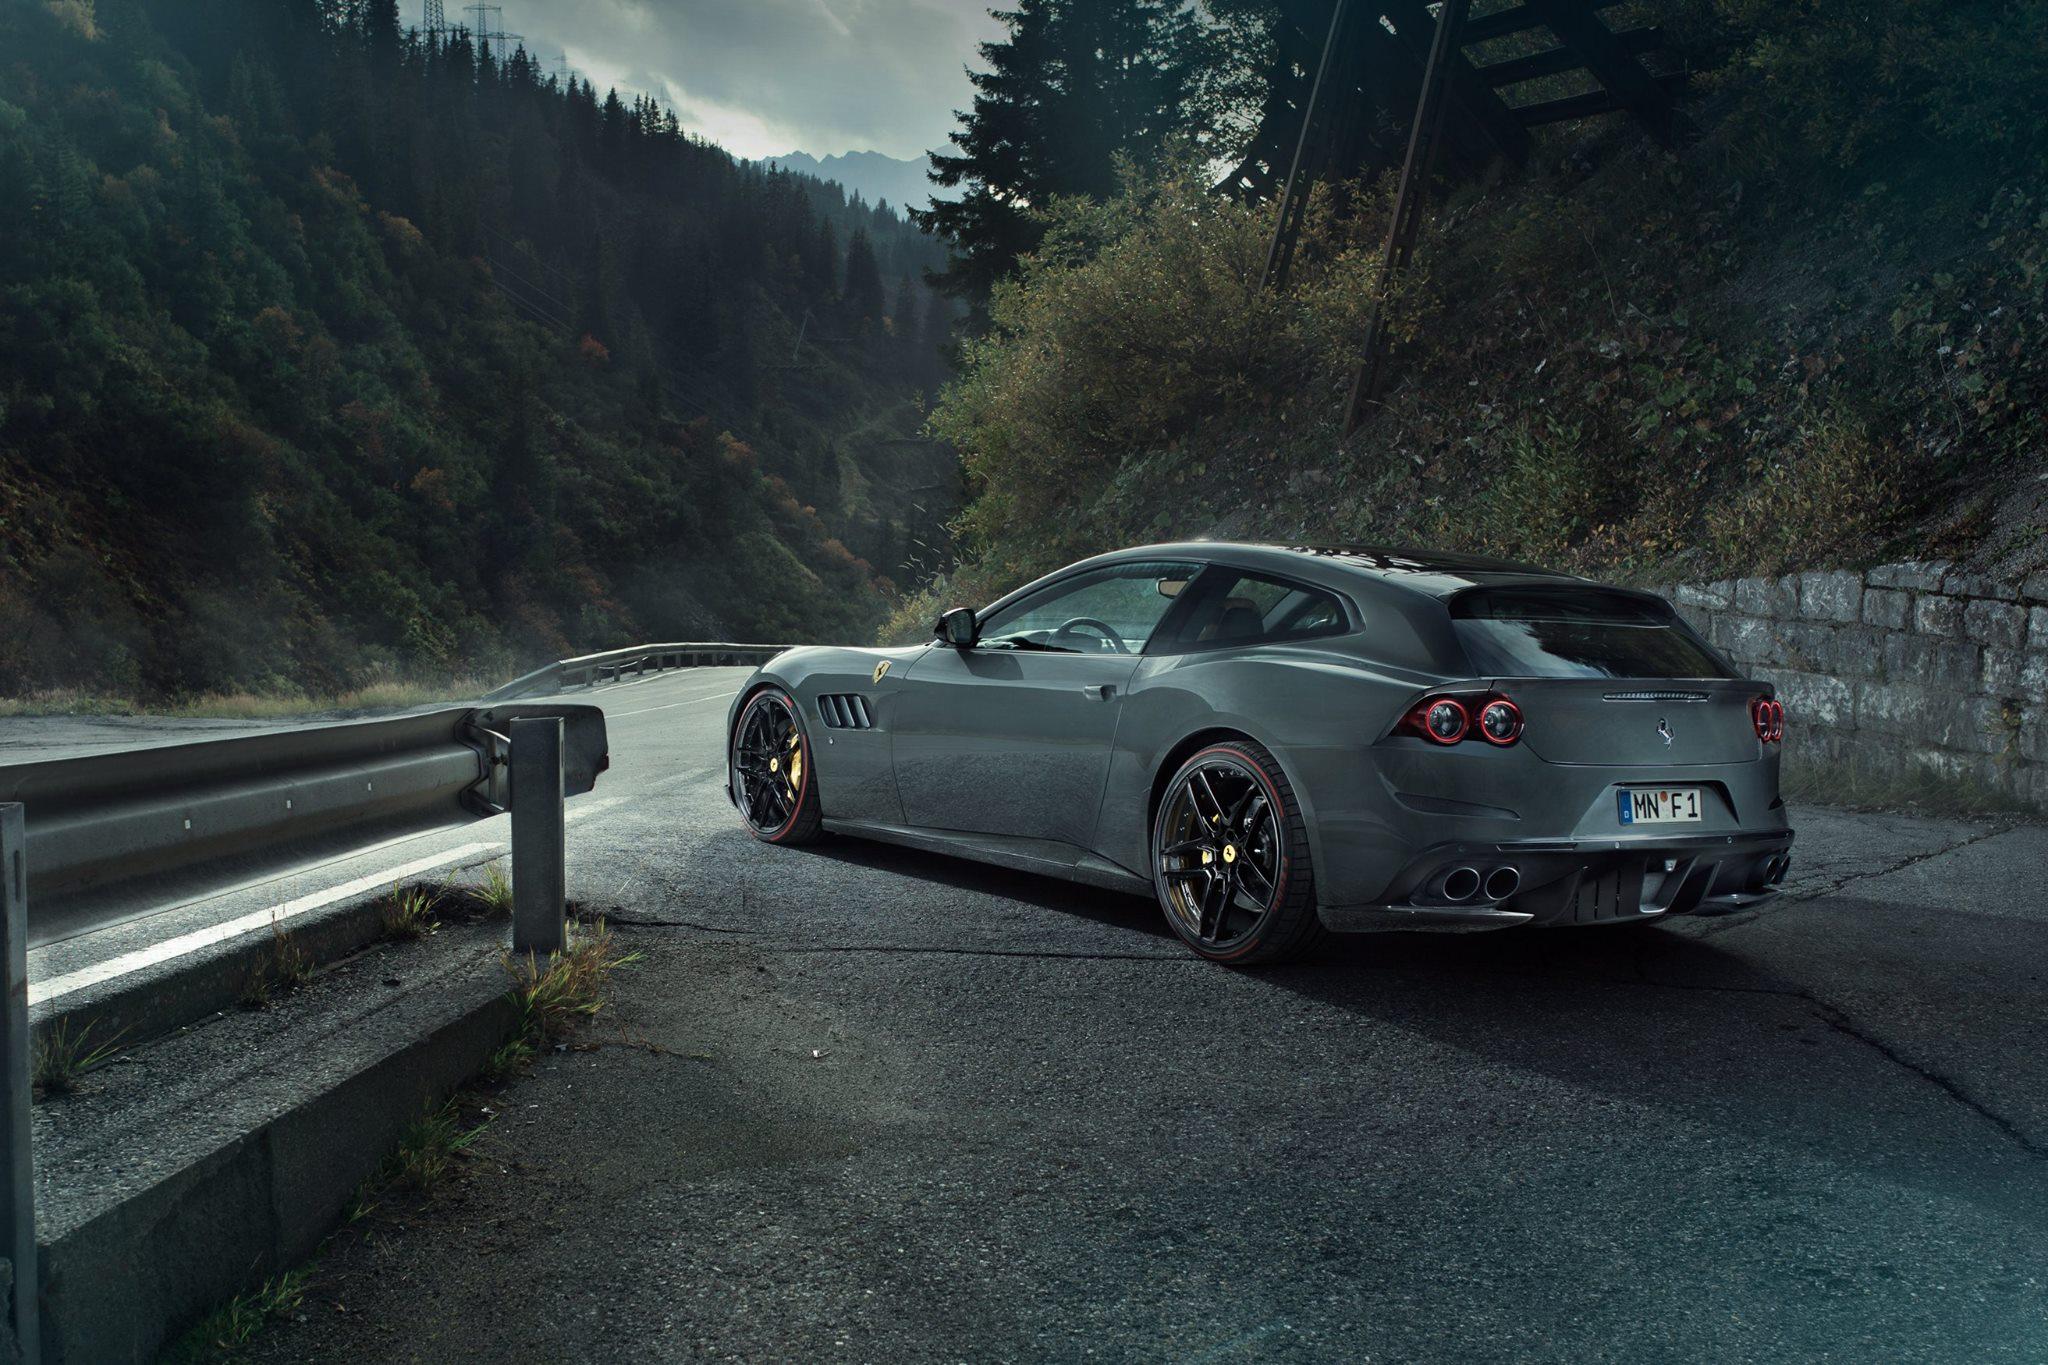 Lusso находится на рынке менее года. Novitec создал пакет, который добавляет некоторые дополнительные улучшения в дизайн суперкара. Этот пакет предназначен для тех, кто хочет, чтобы его автомобиль немного отличался от серийной модели.